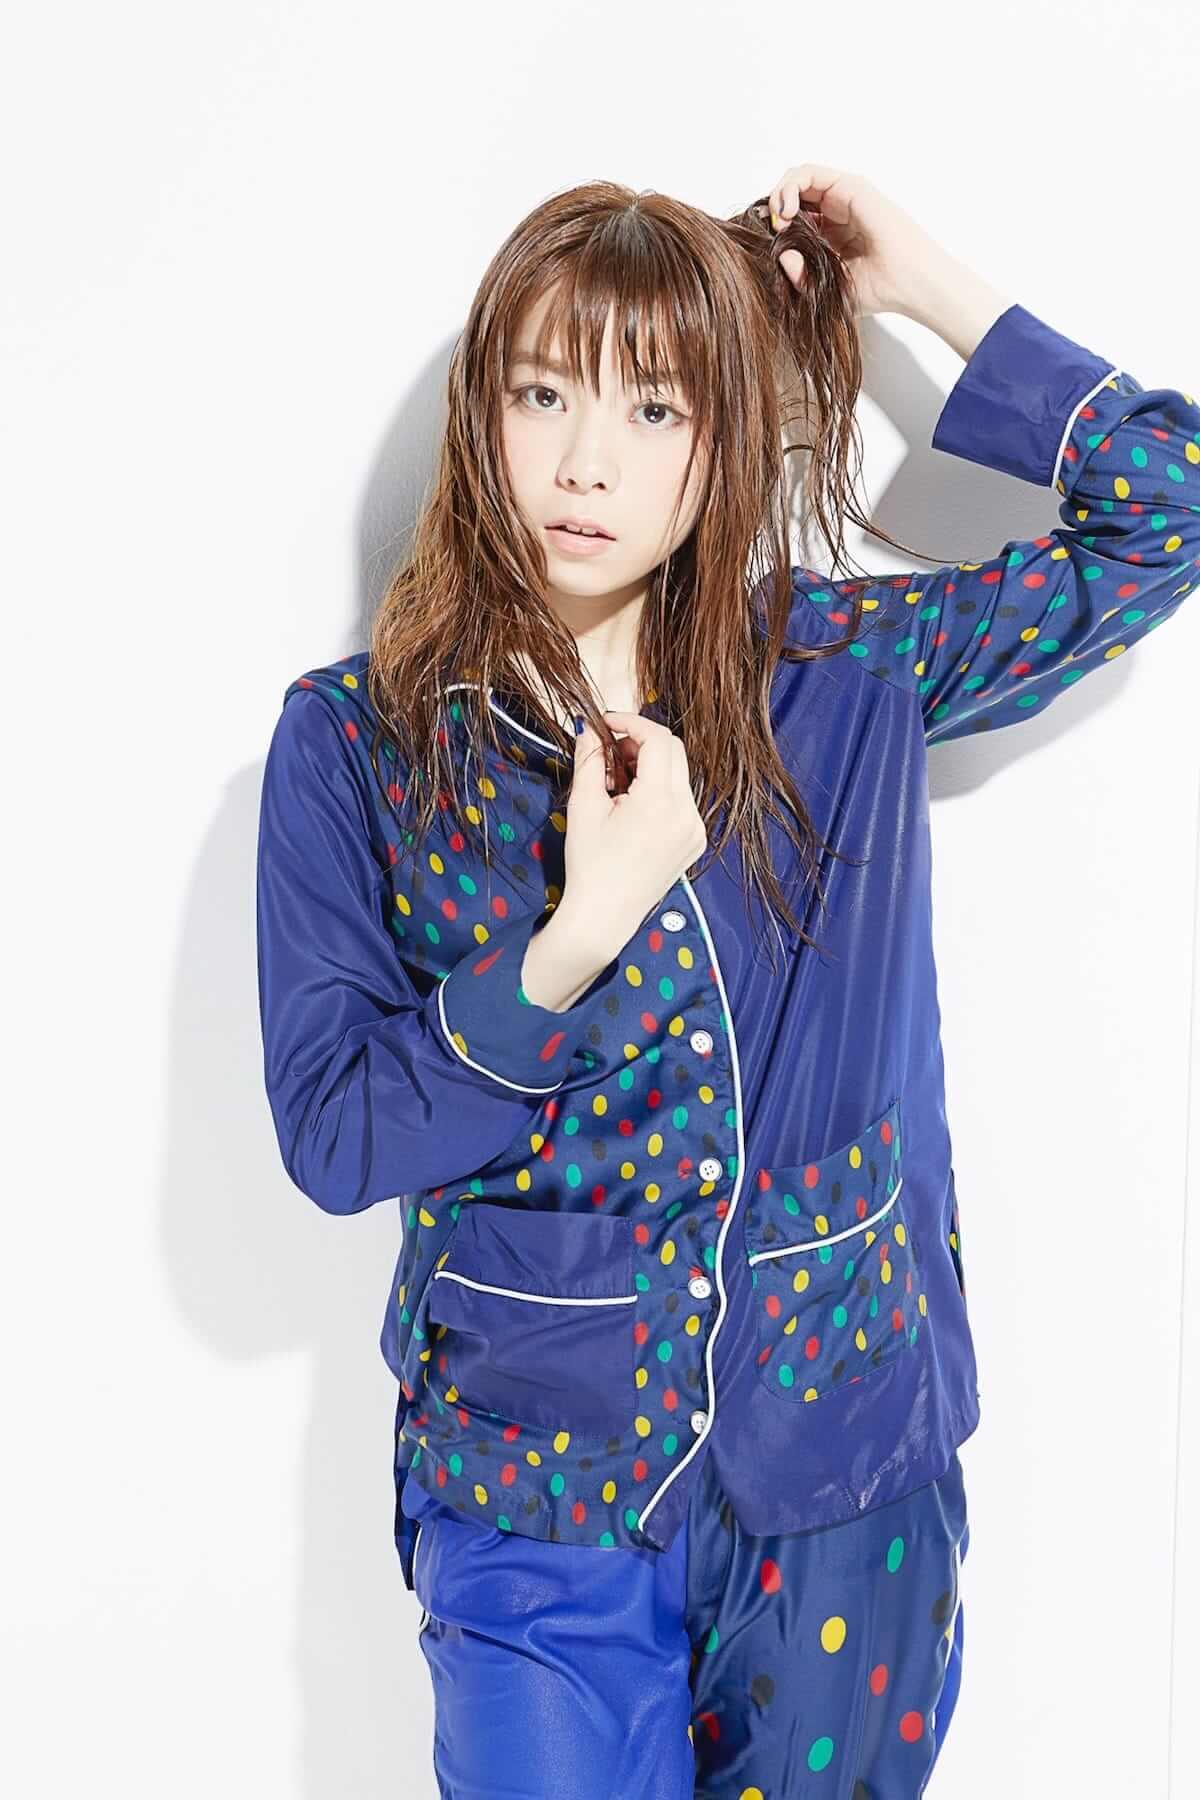 話題の現役女子大生シンガーソングライターがパジャマ姿でずぶ濡れに!? music180705_mashinomi_3-1200x1800